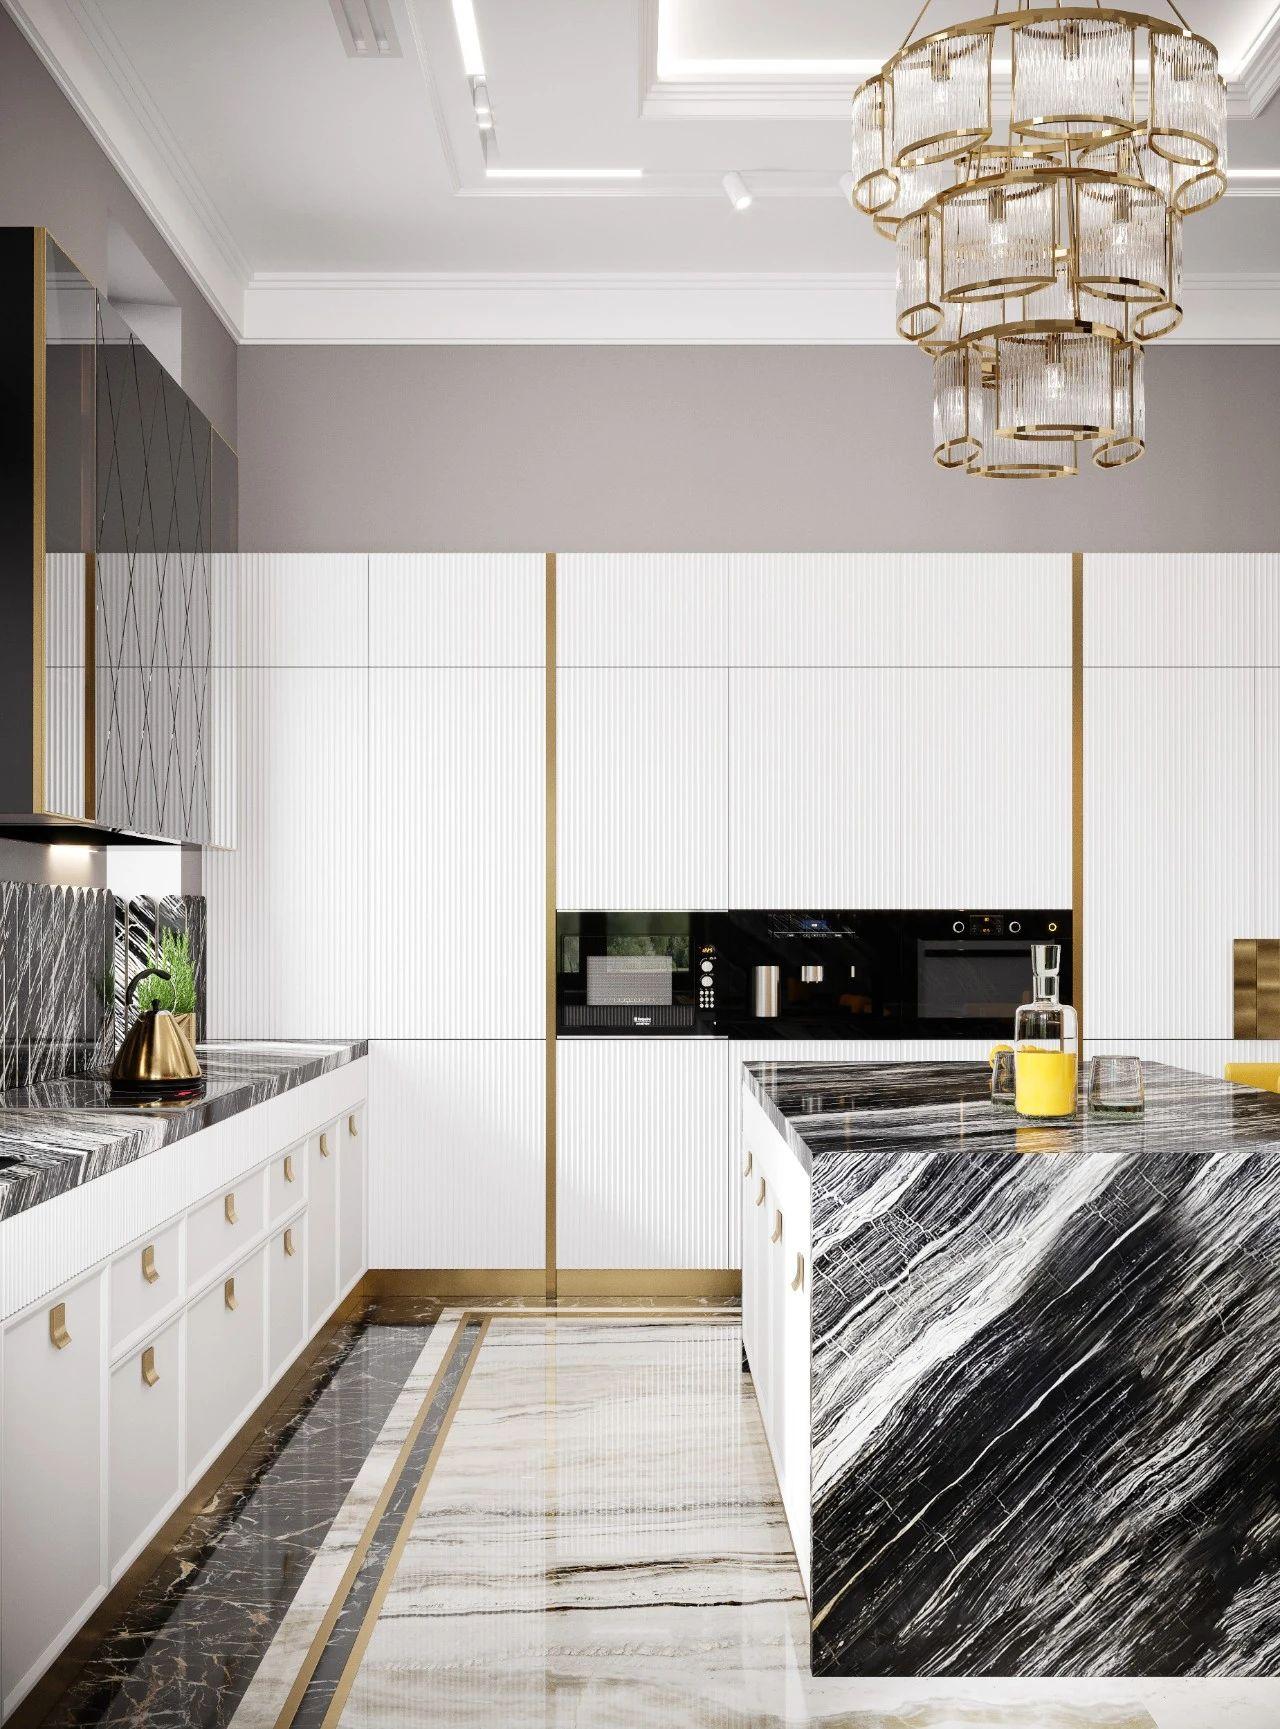 奢华别墅厨房装修效果图